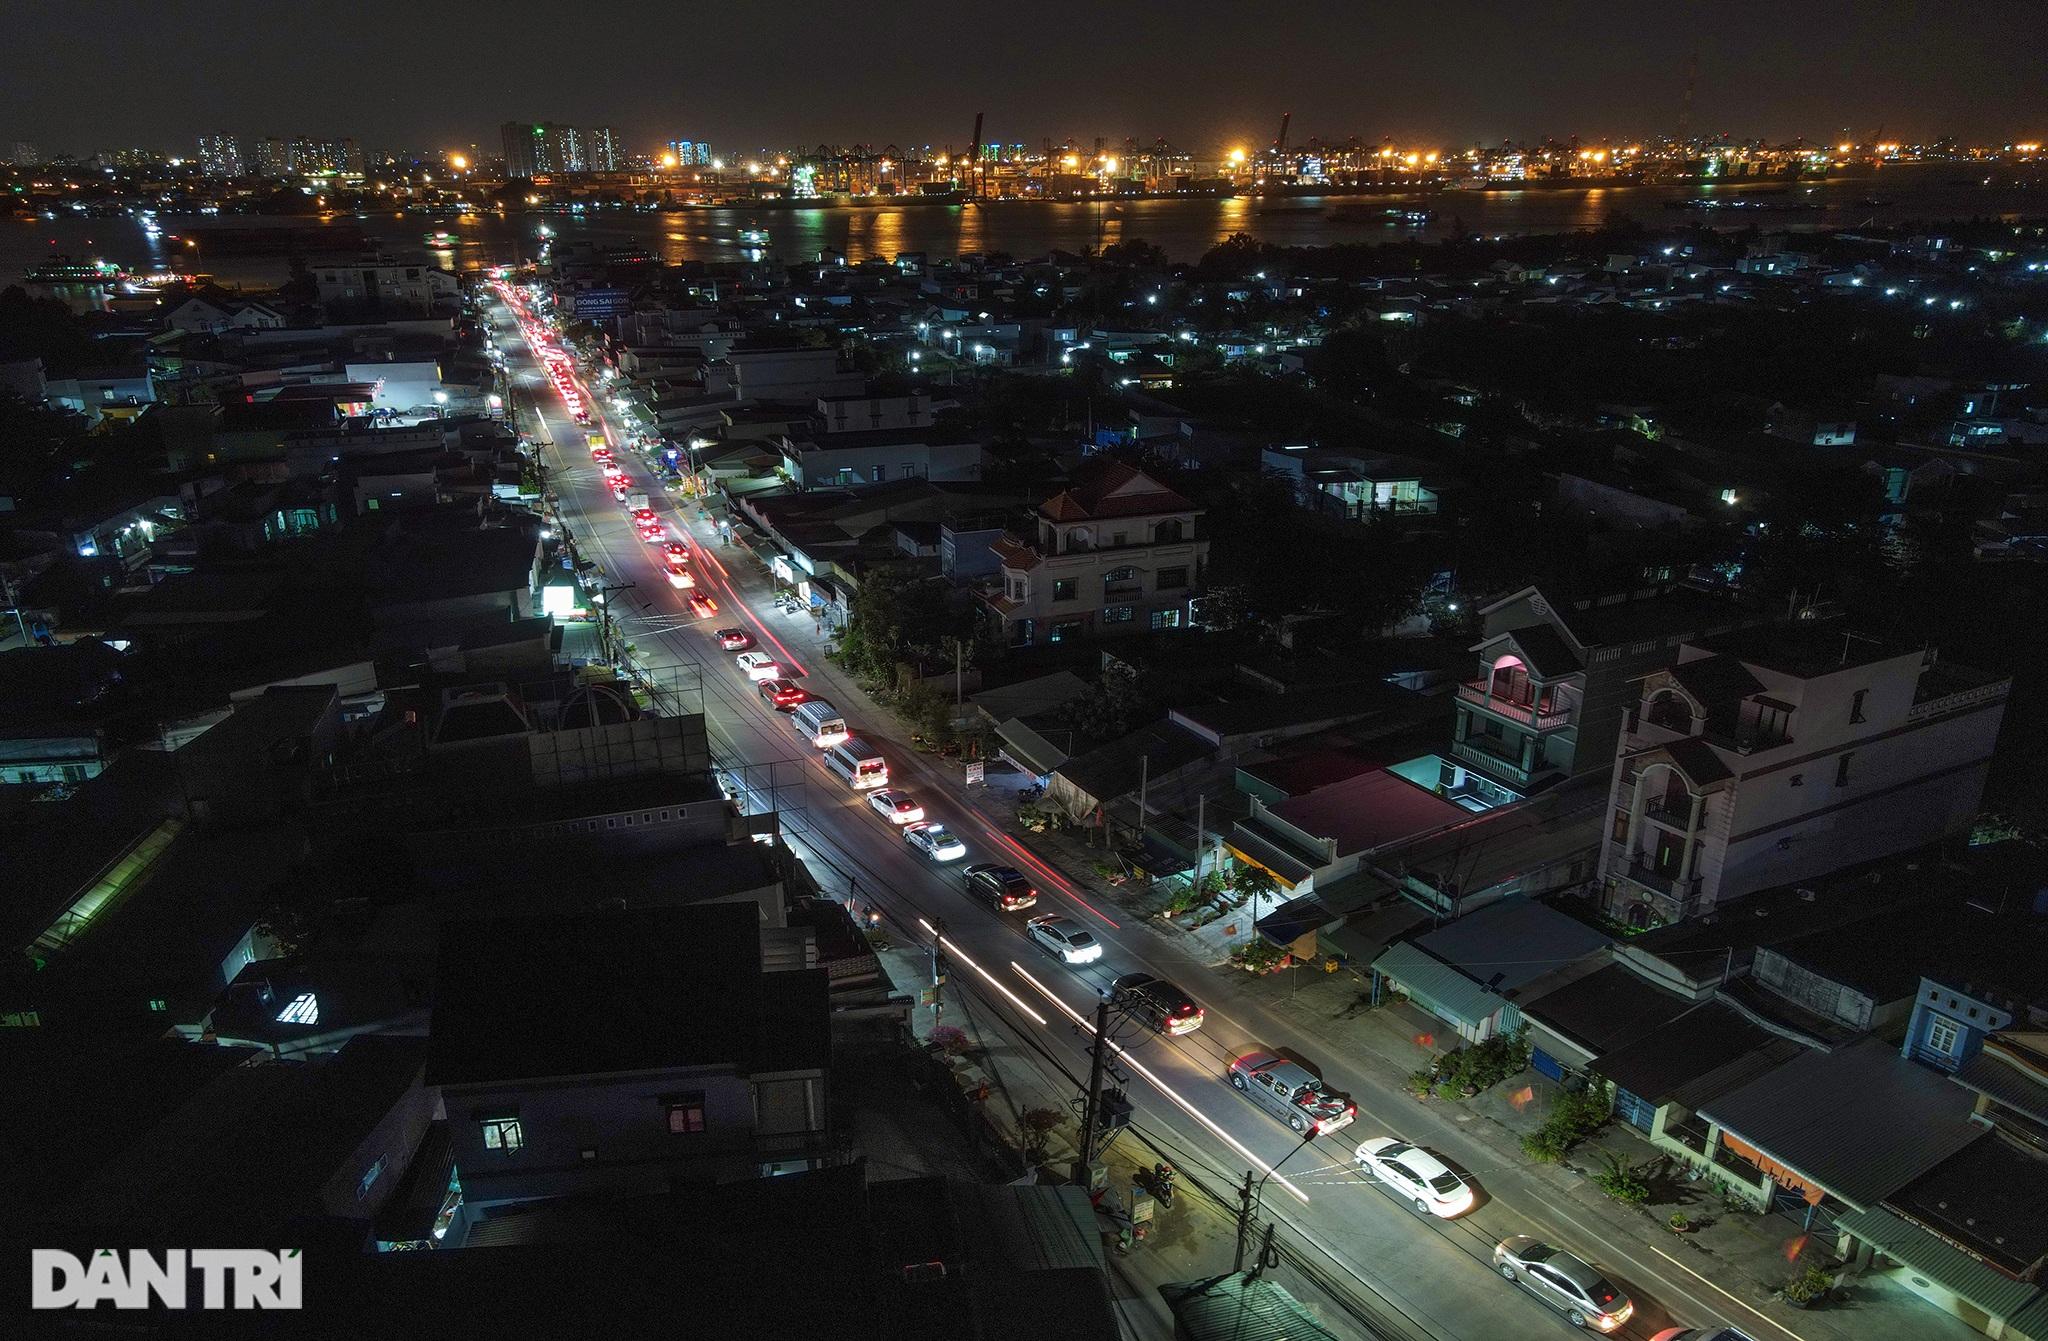 Người dân trở lại Sài Gòn sớm, giao thông cửa ngõ ùn tắc, hỗn loạn - 1